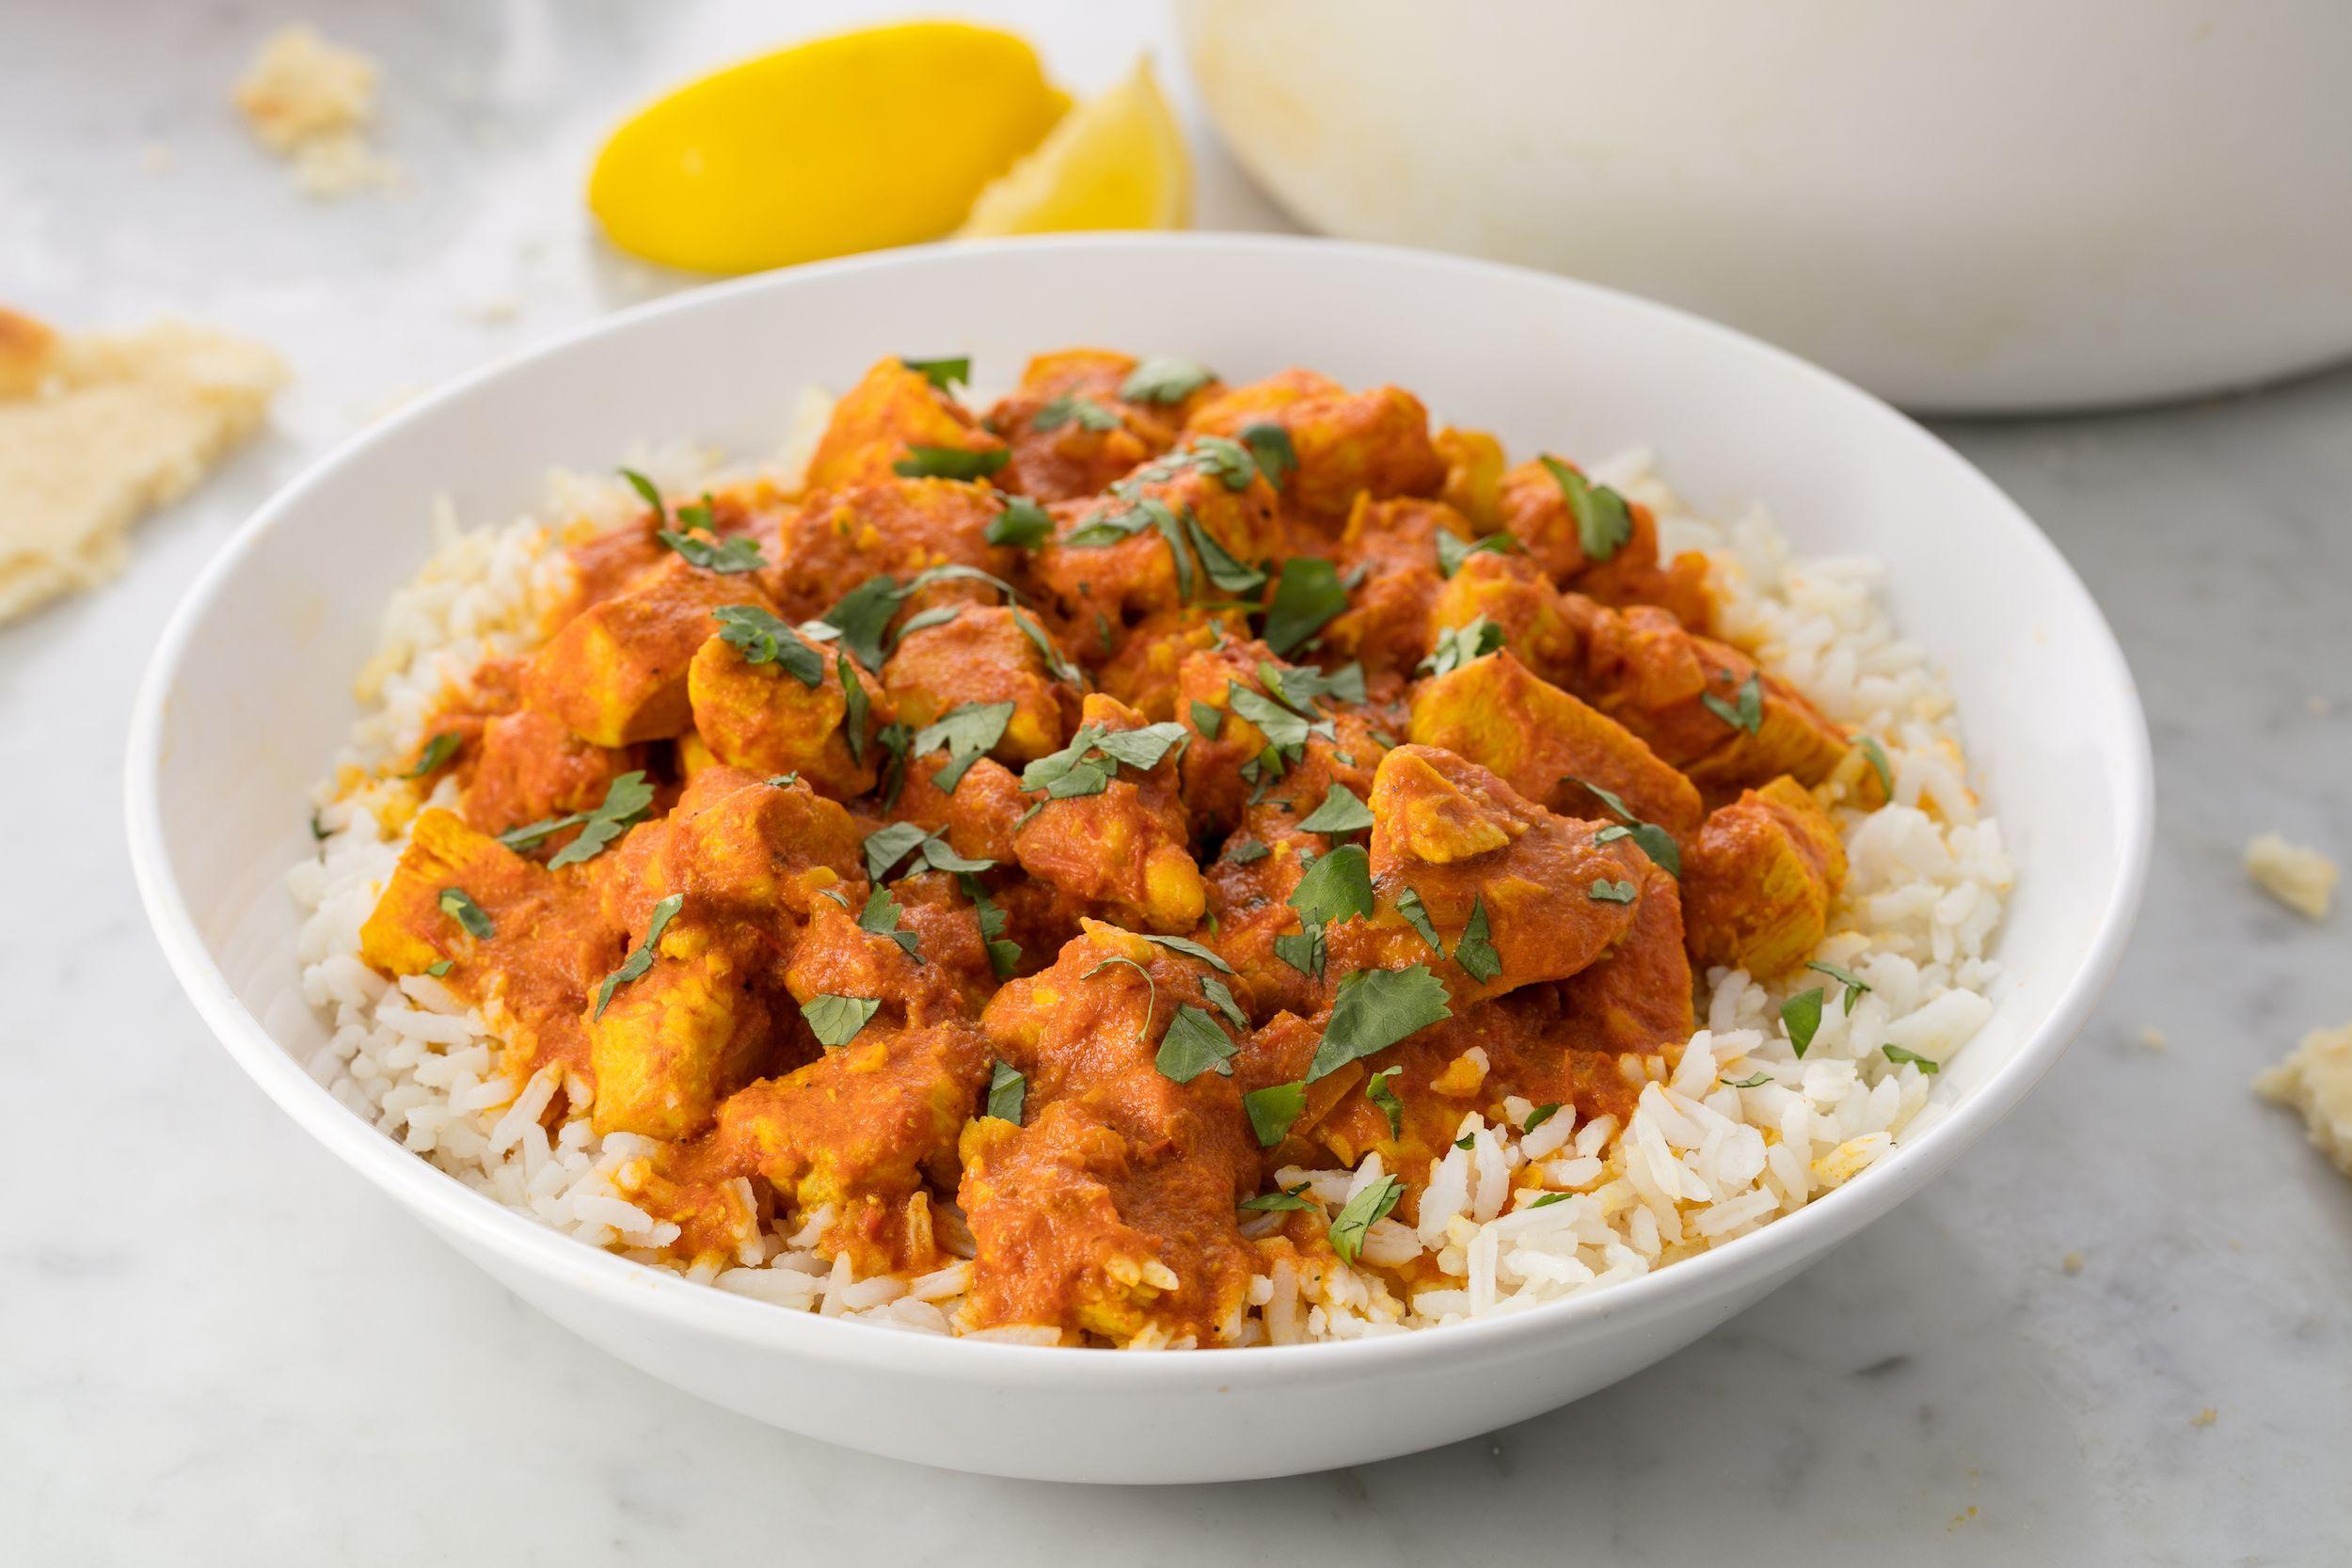 Kuřecí kari - Pikantní indické kuřecí kari připravené z různých druhů koření